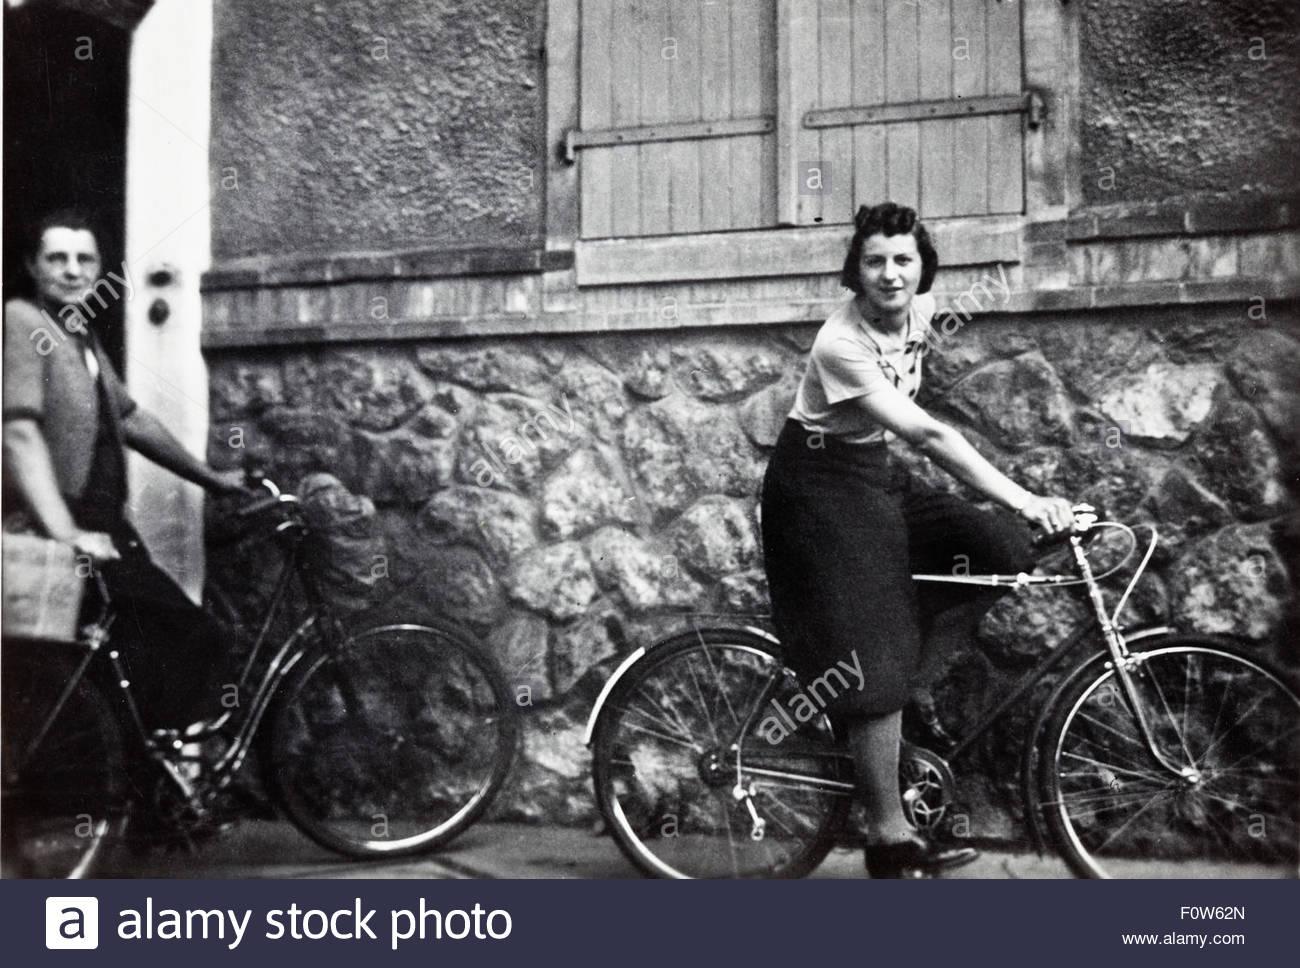 junge Frau auf einer Männer-Fahrrad-Vorführung von ihren Fahrstil Hose Frankreich der 1950er Jahre Stockfoto